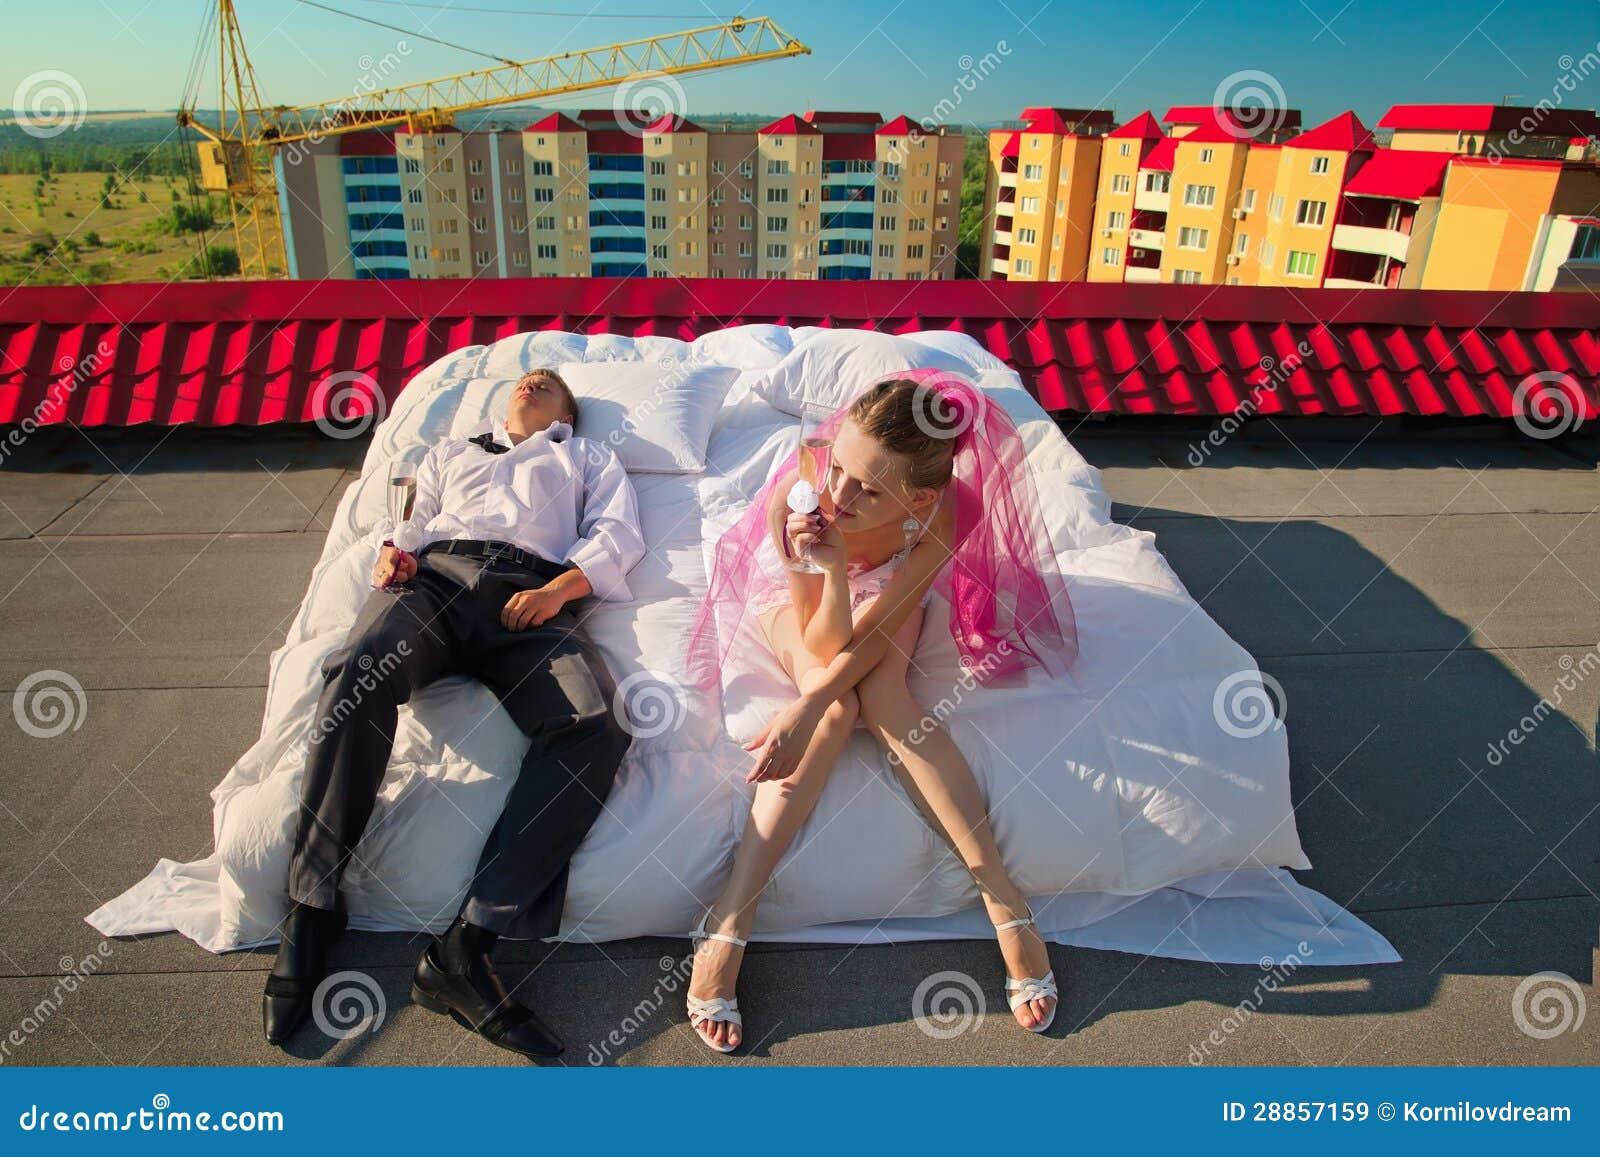 Hochzeit geschossen auf Dach